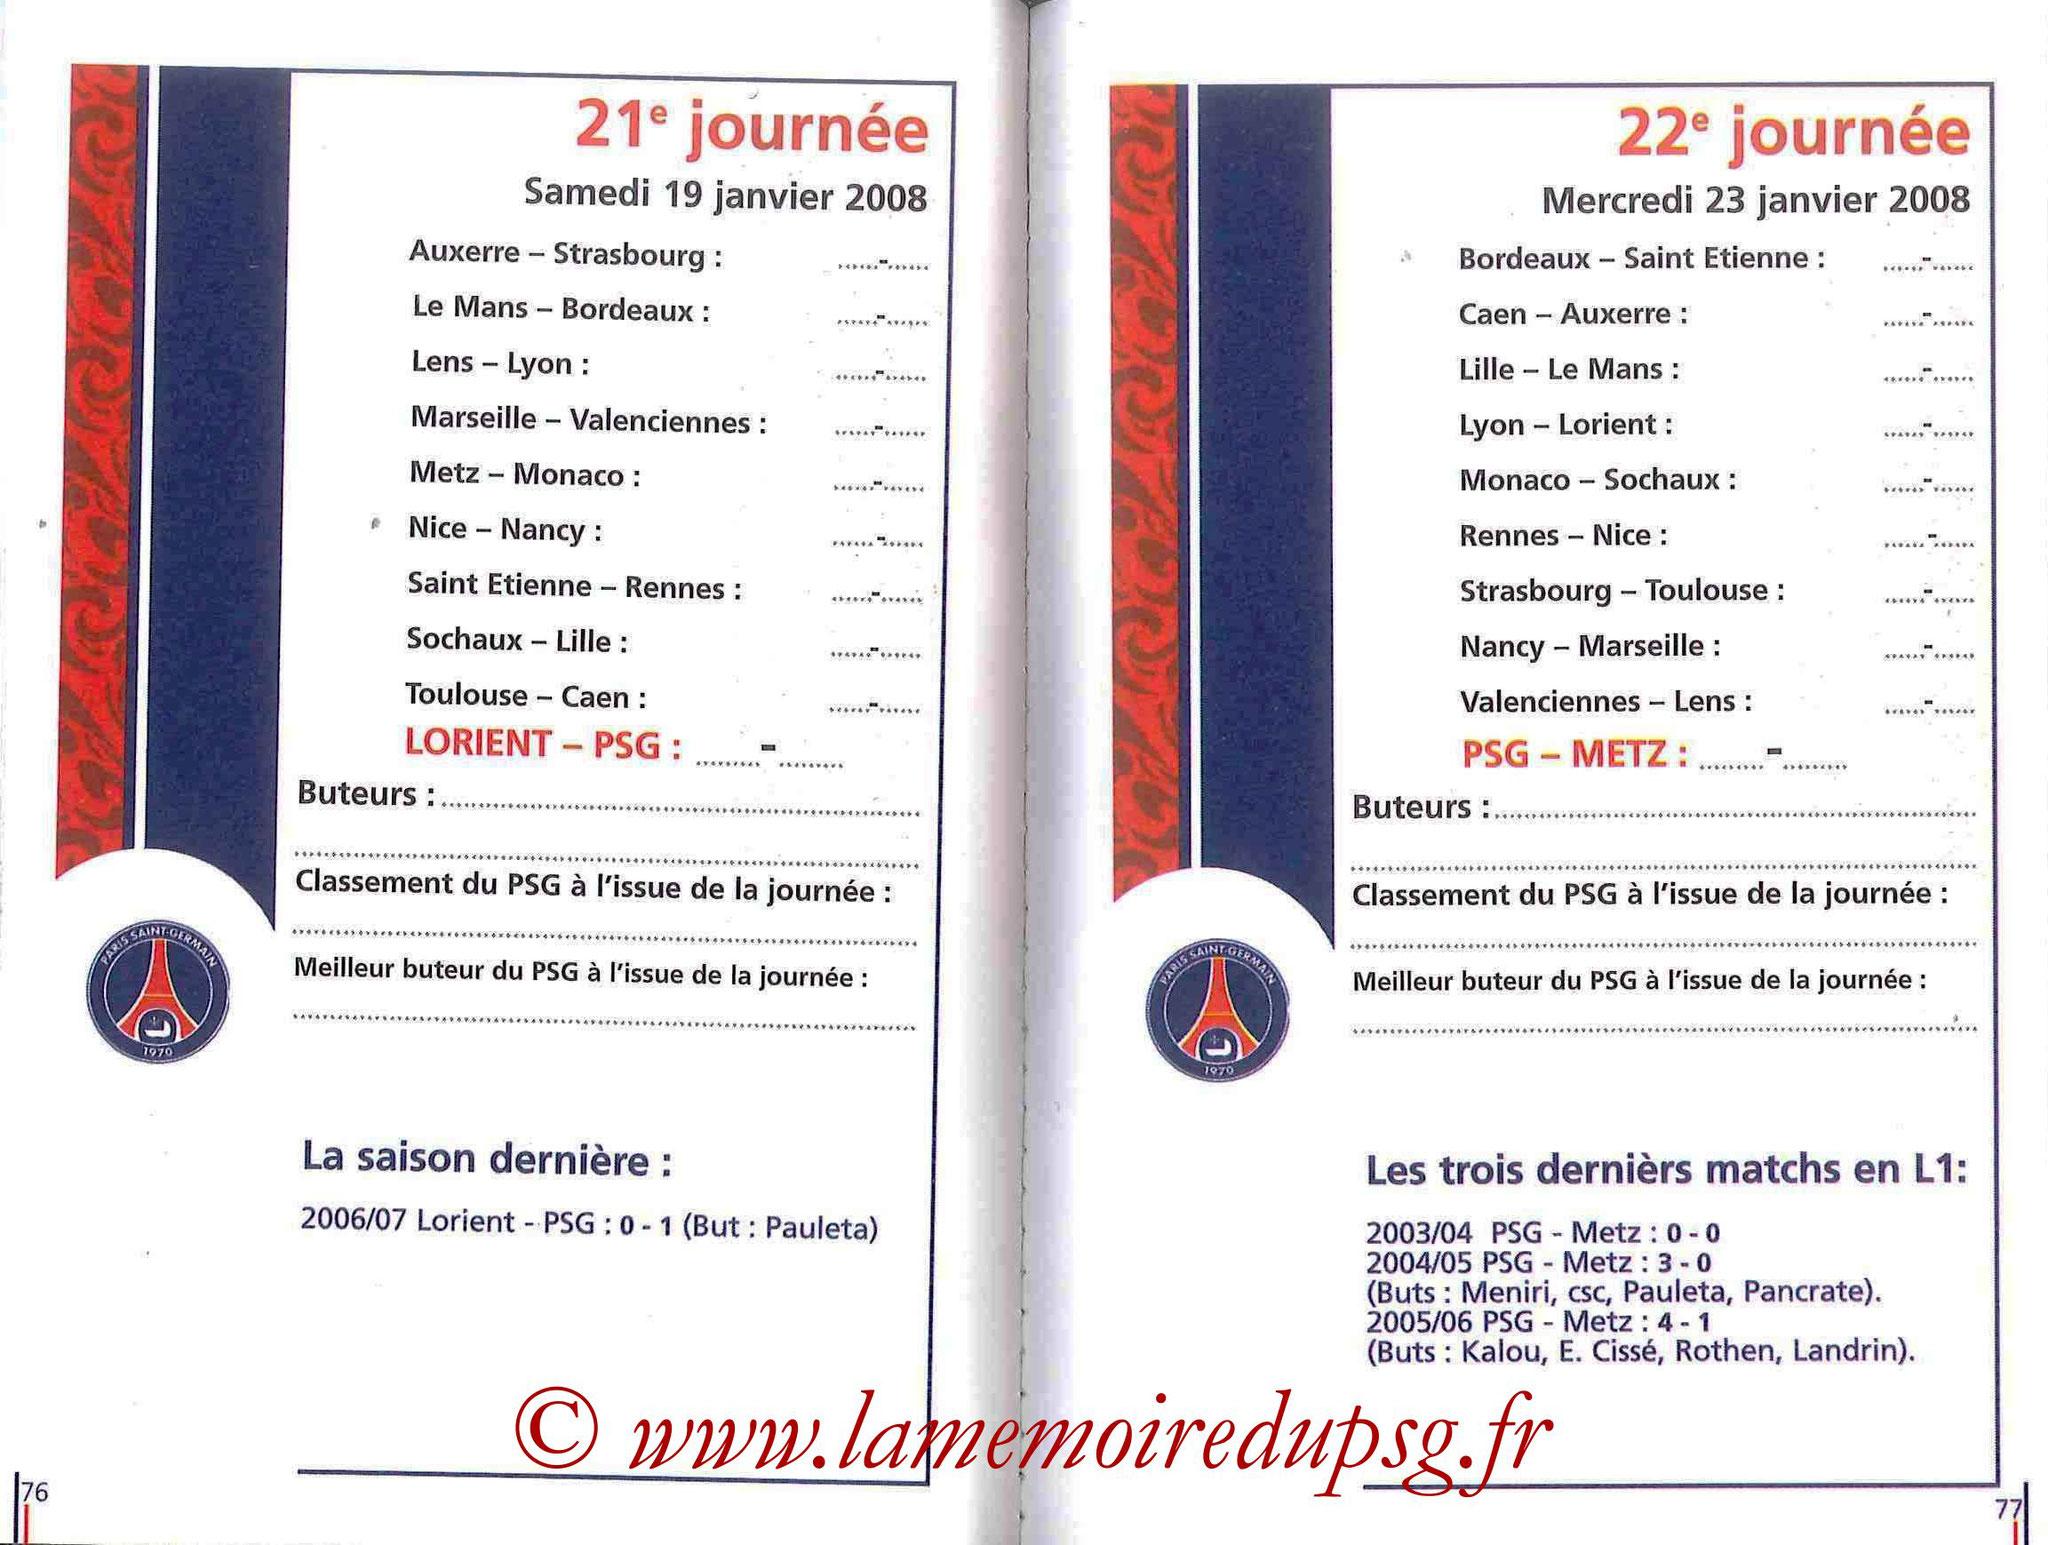 2007-08 - Guide de la Saison PSG - Pages 76 et 77